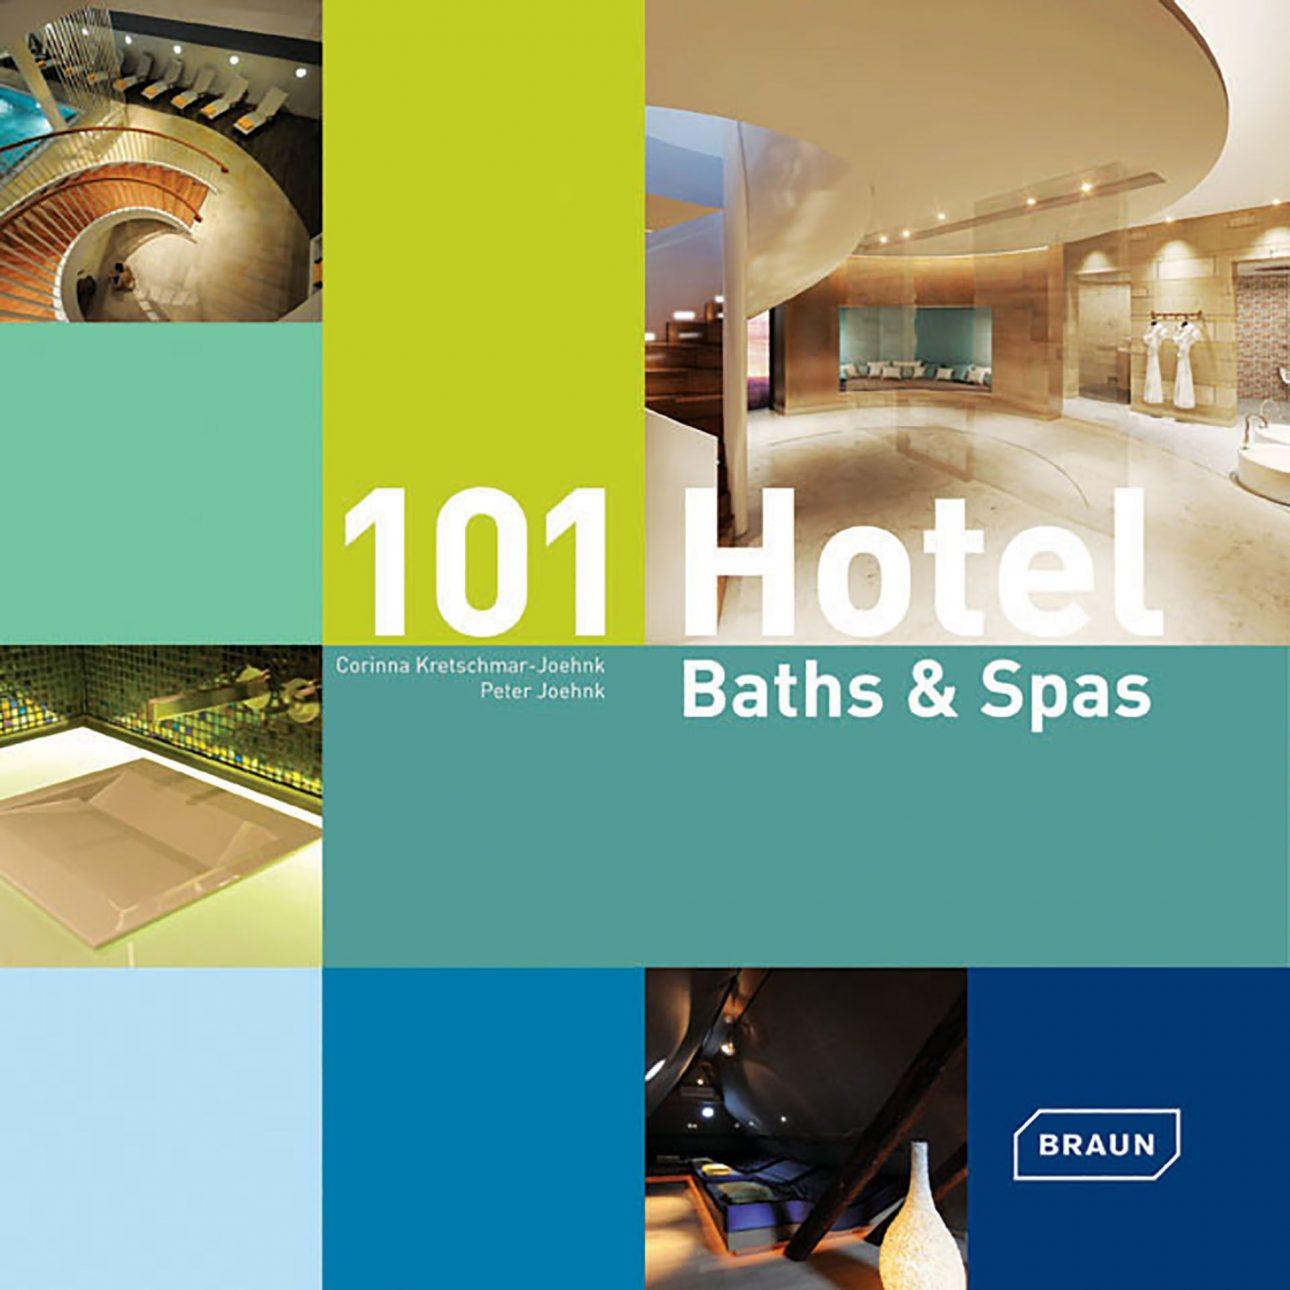 Buch 101 Hotel Baths & Spas von Corinna Kretschmar-Joehnk Peter Joehnk